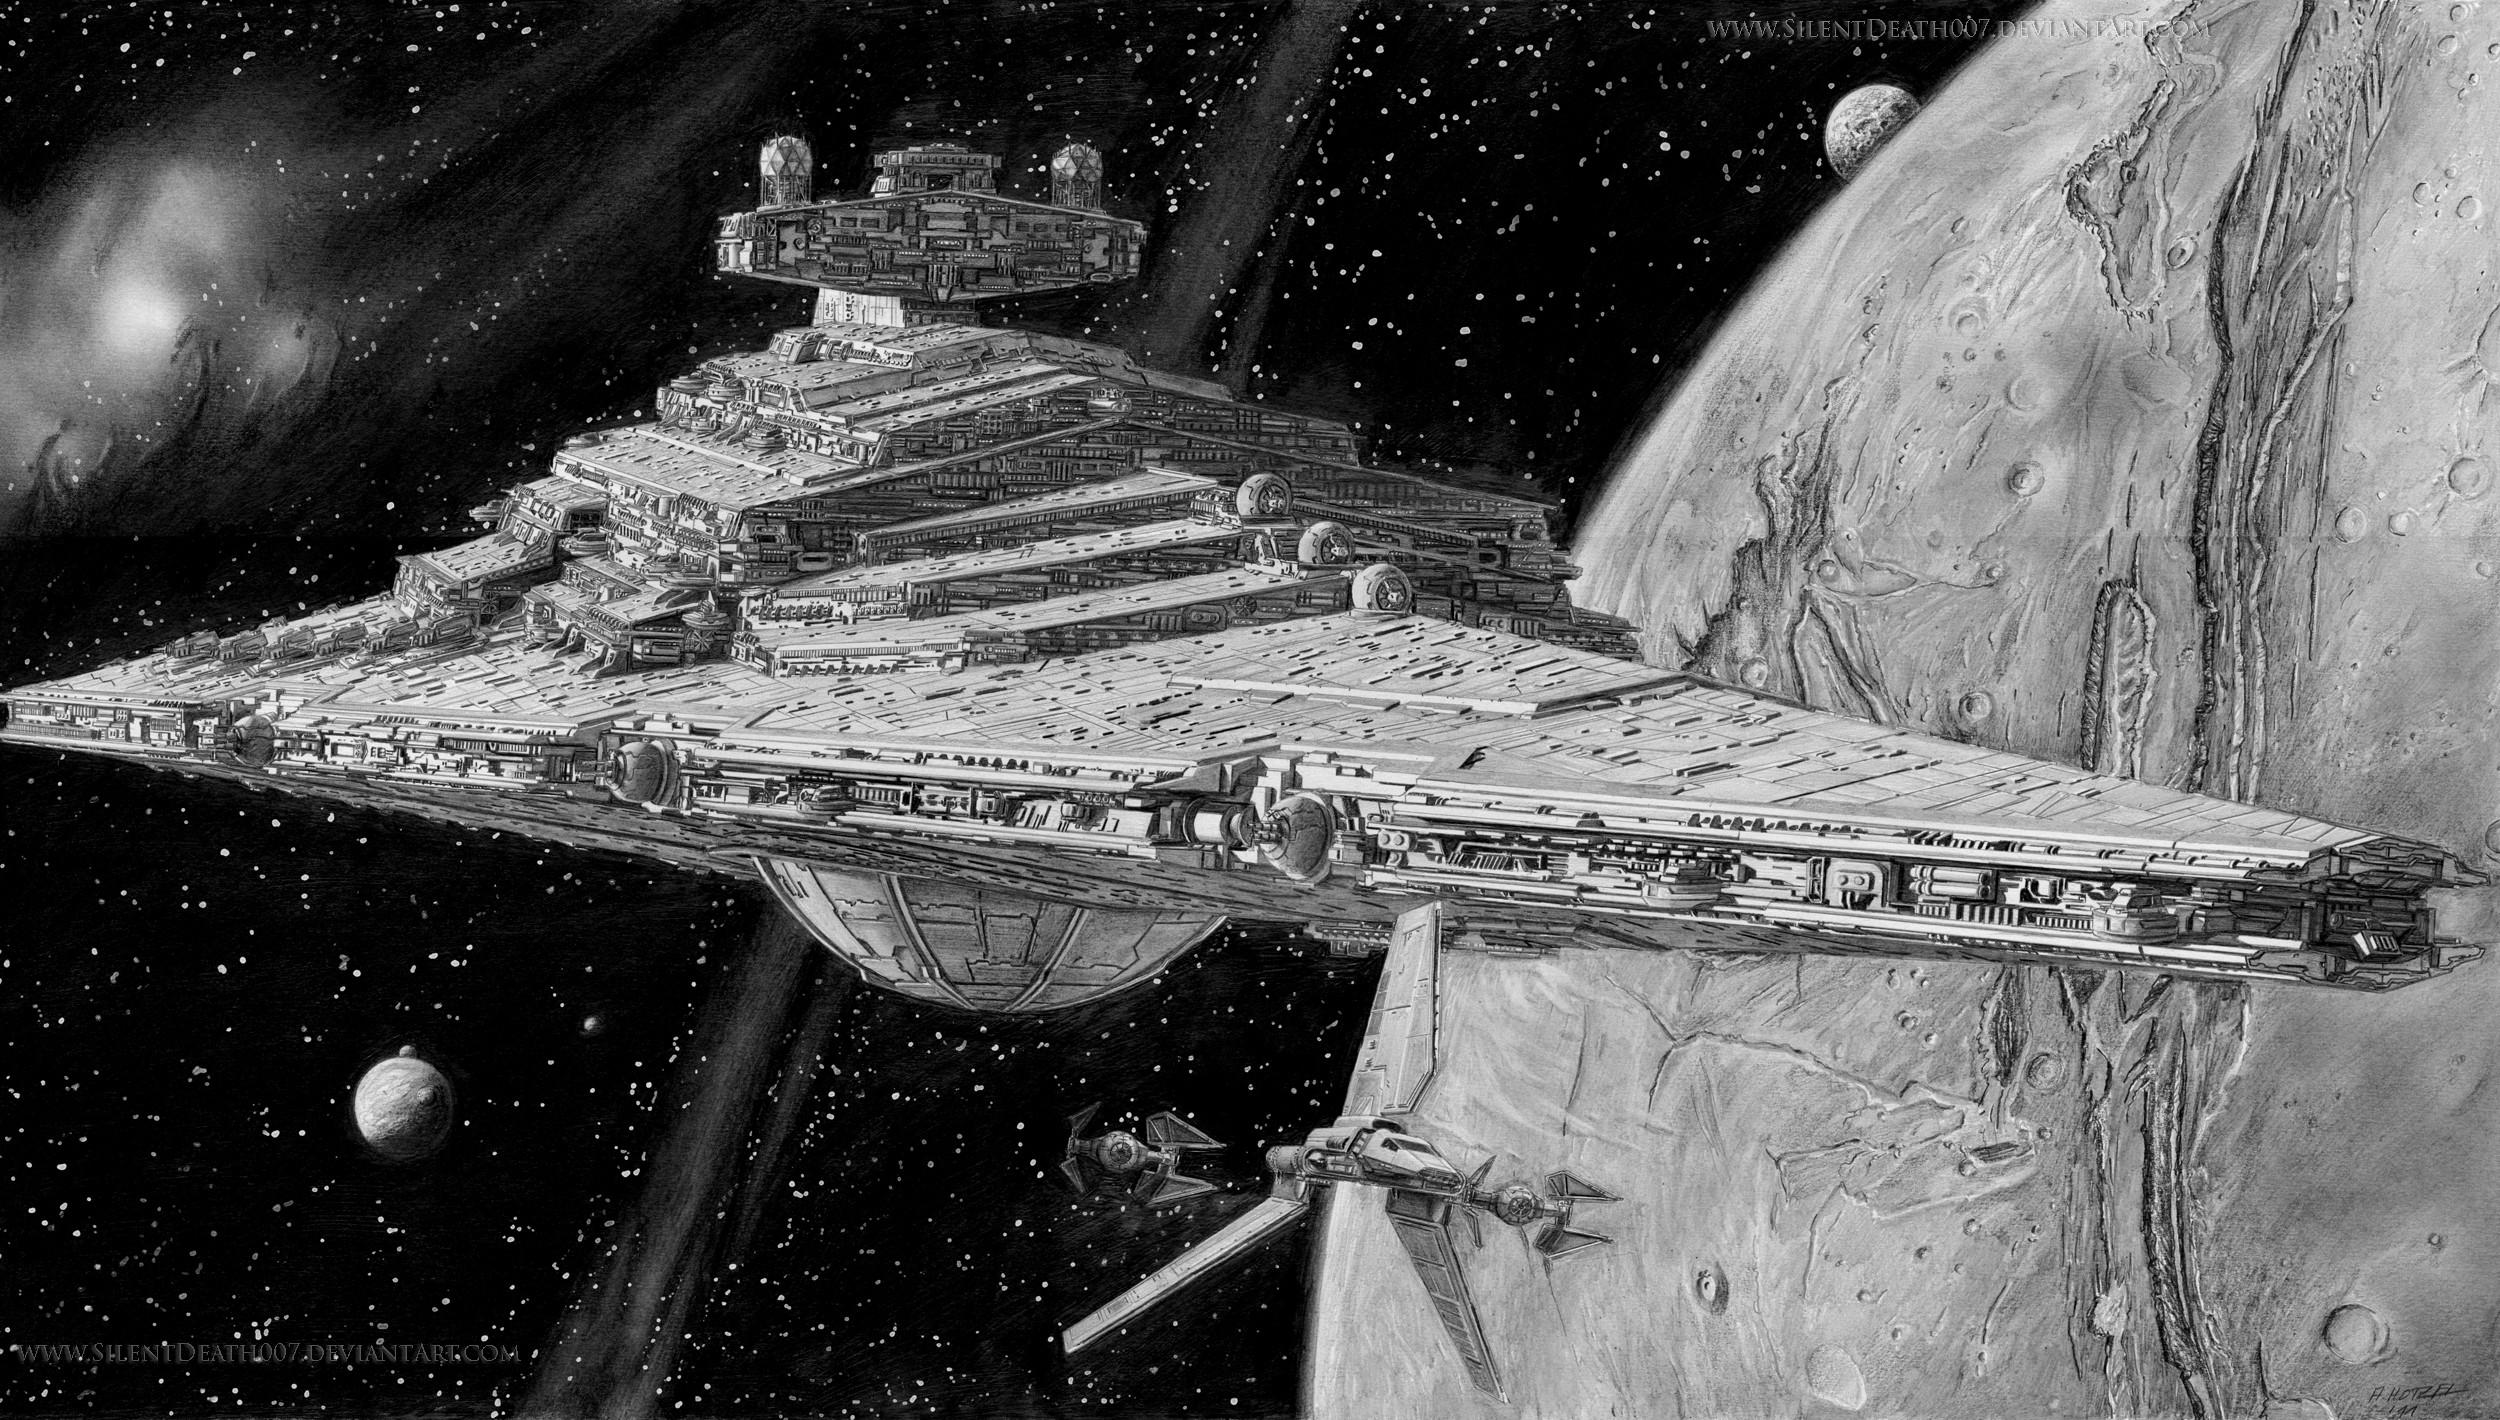 Awesome Star Destroyer Illustration